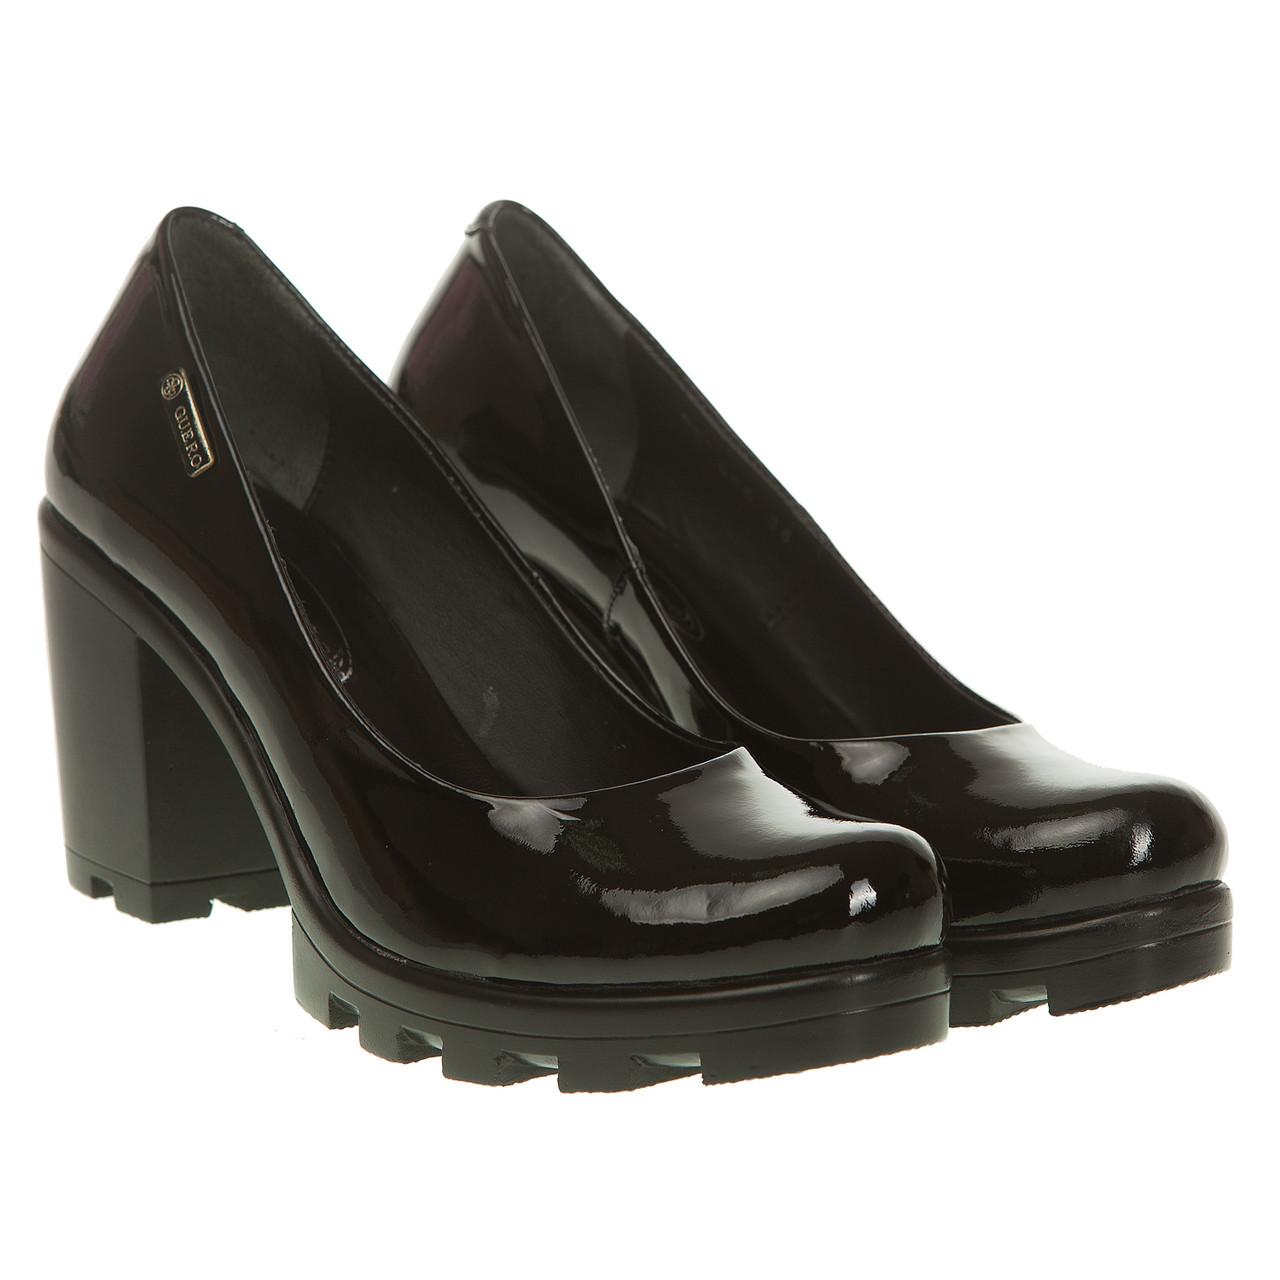 Туфли женские Guero (на удобном каблуке, качественные, практичные, натуральная лаковая кожа)